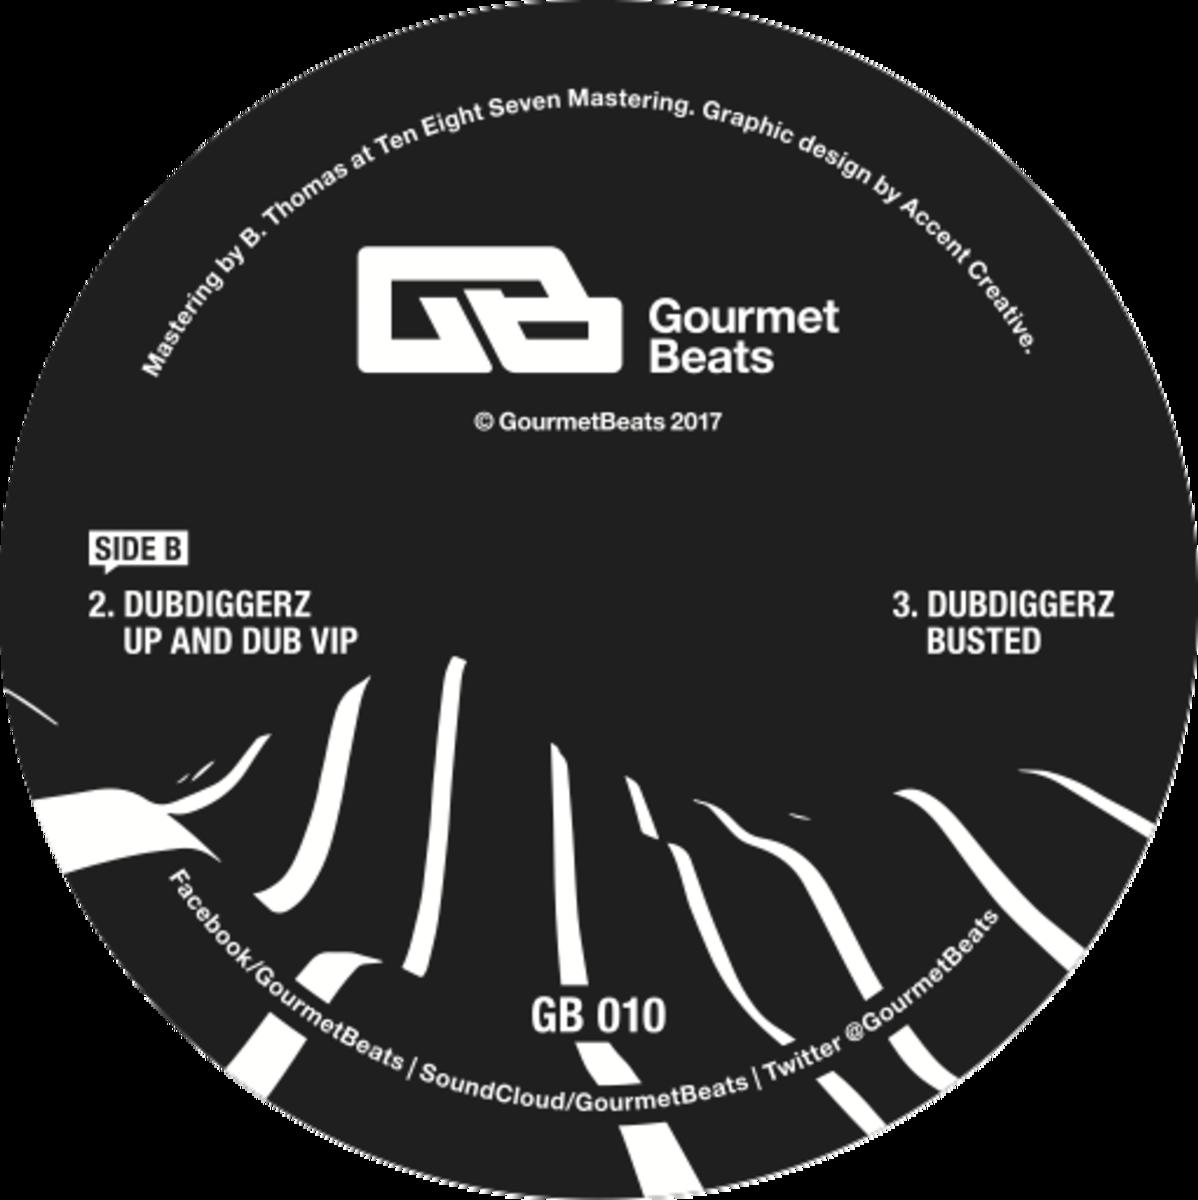 GB010 - Side B